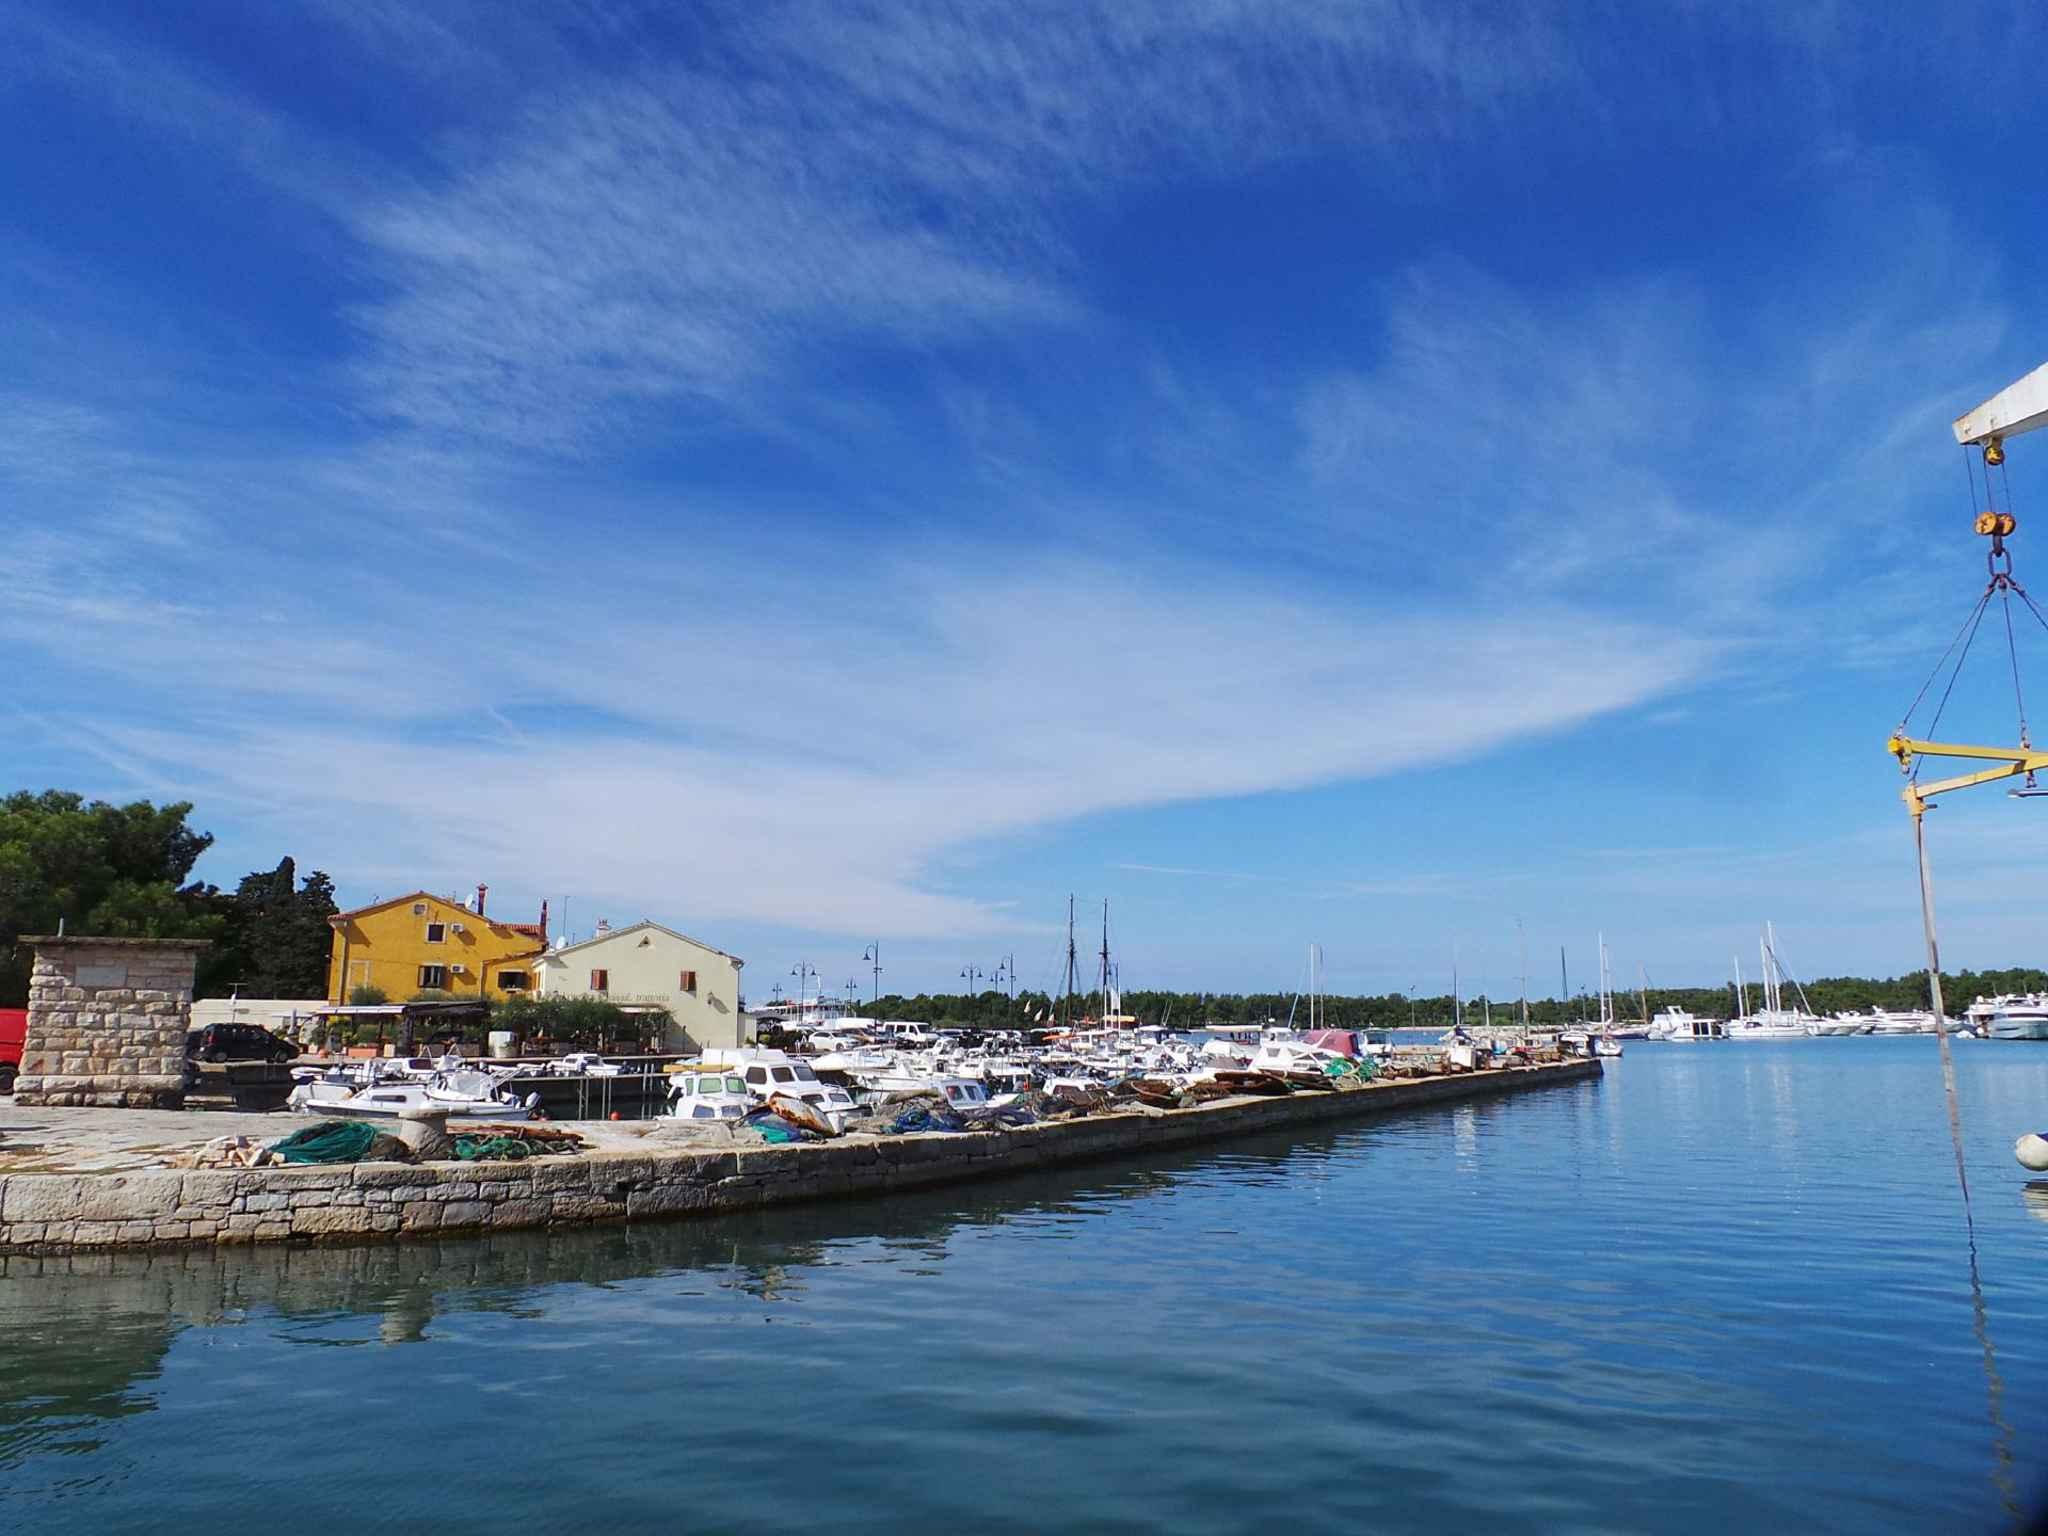 Ferienwohnung mit Meerblick (278910), Zadar, , Dalmatien, Kroatien, Bild 29